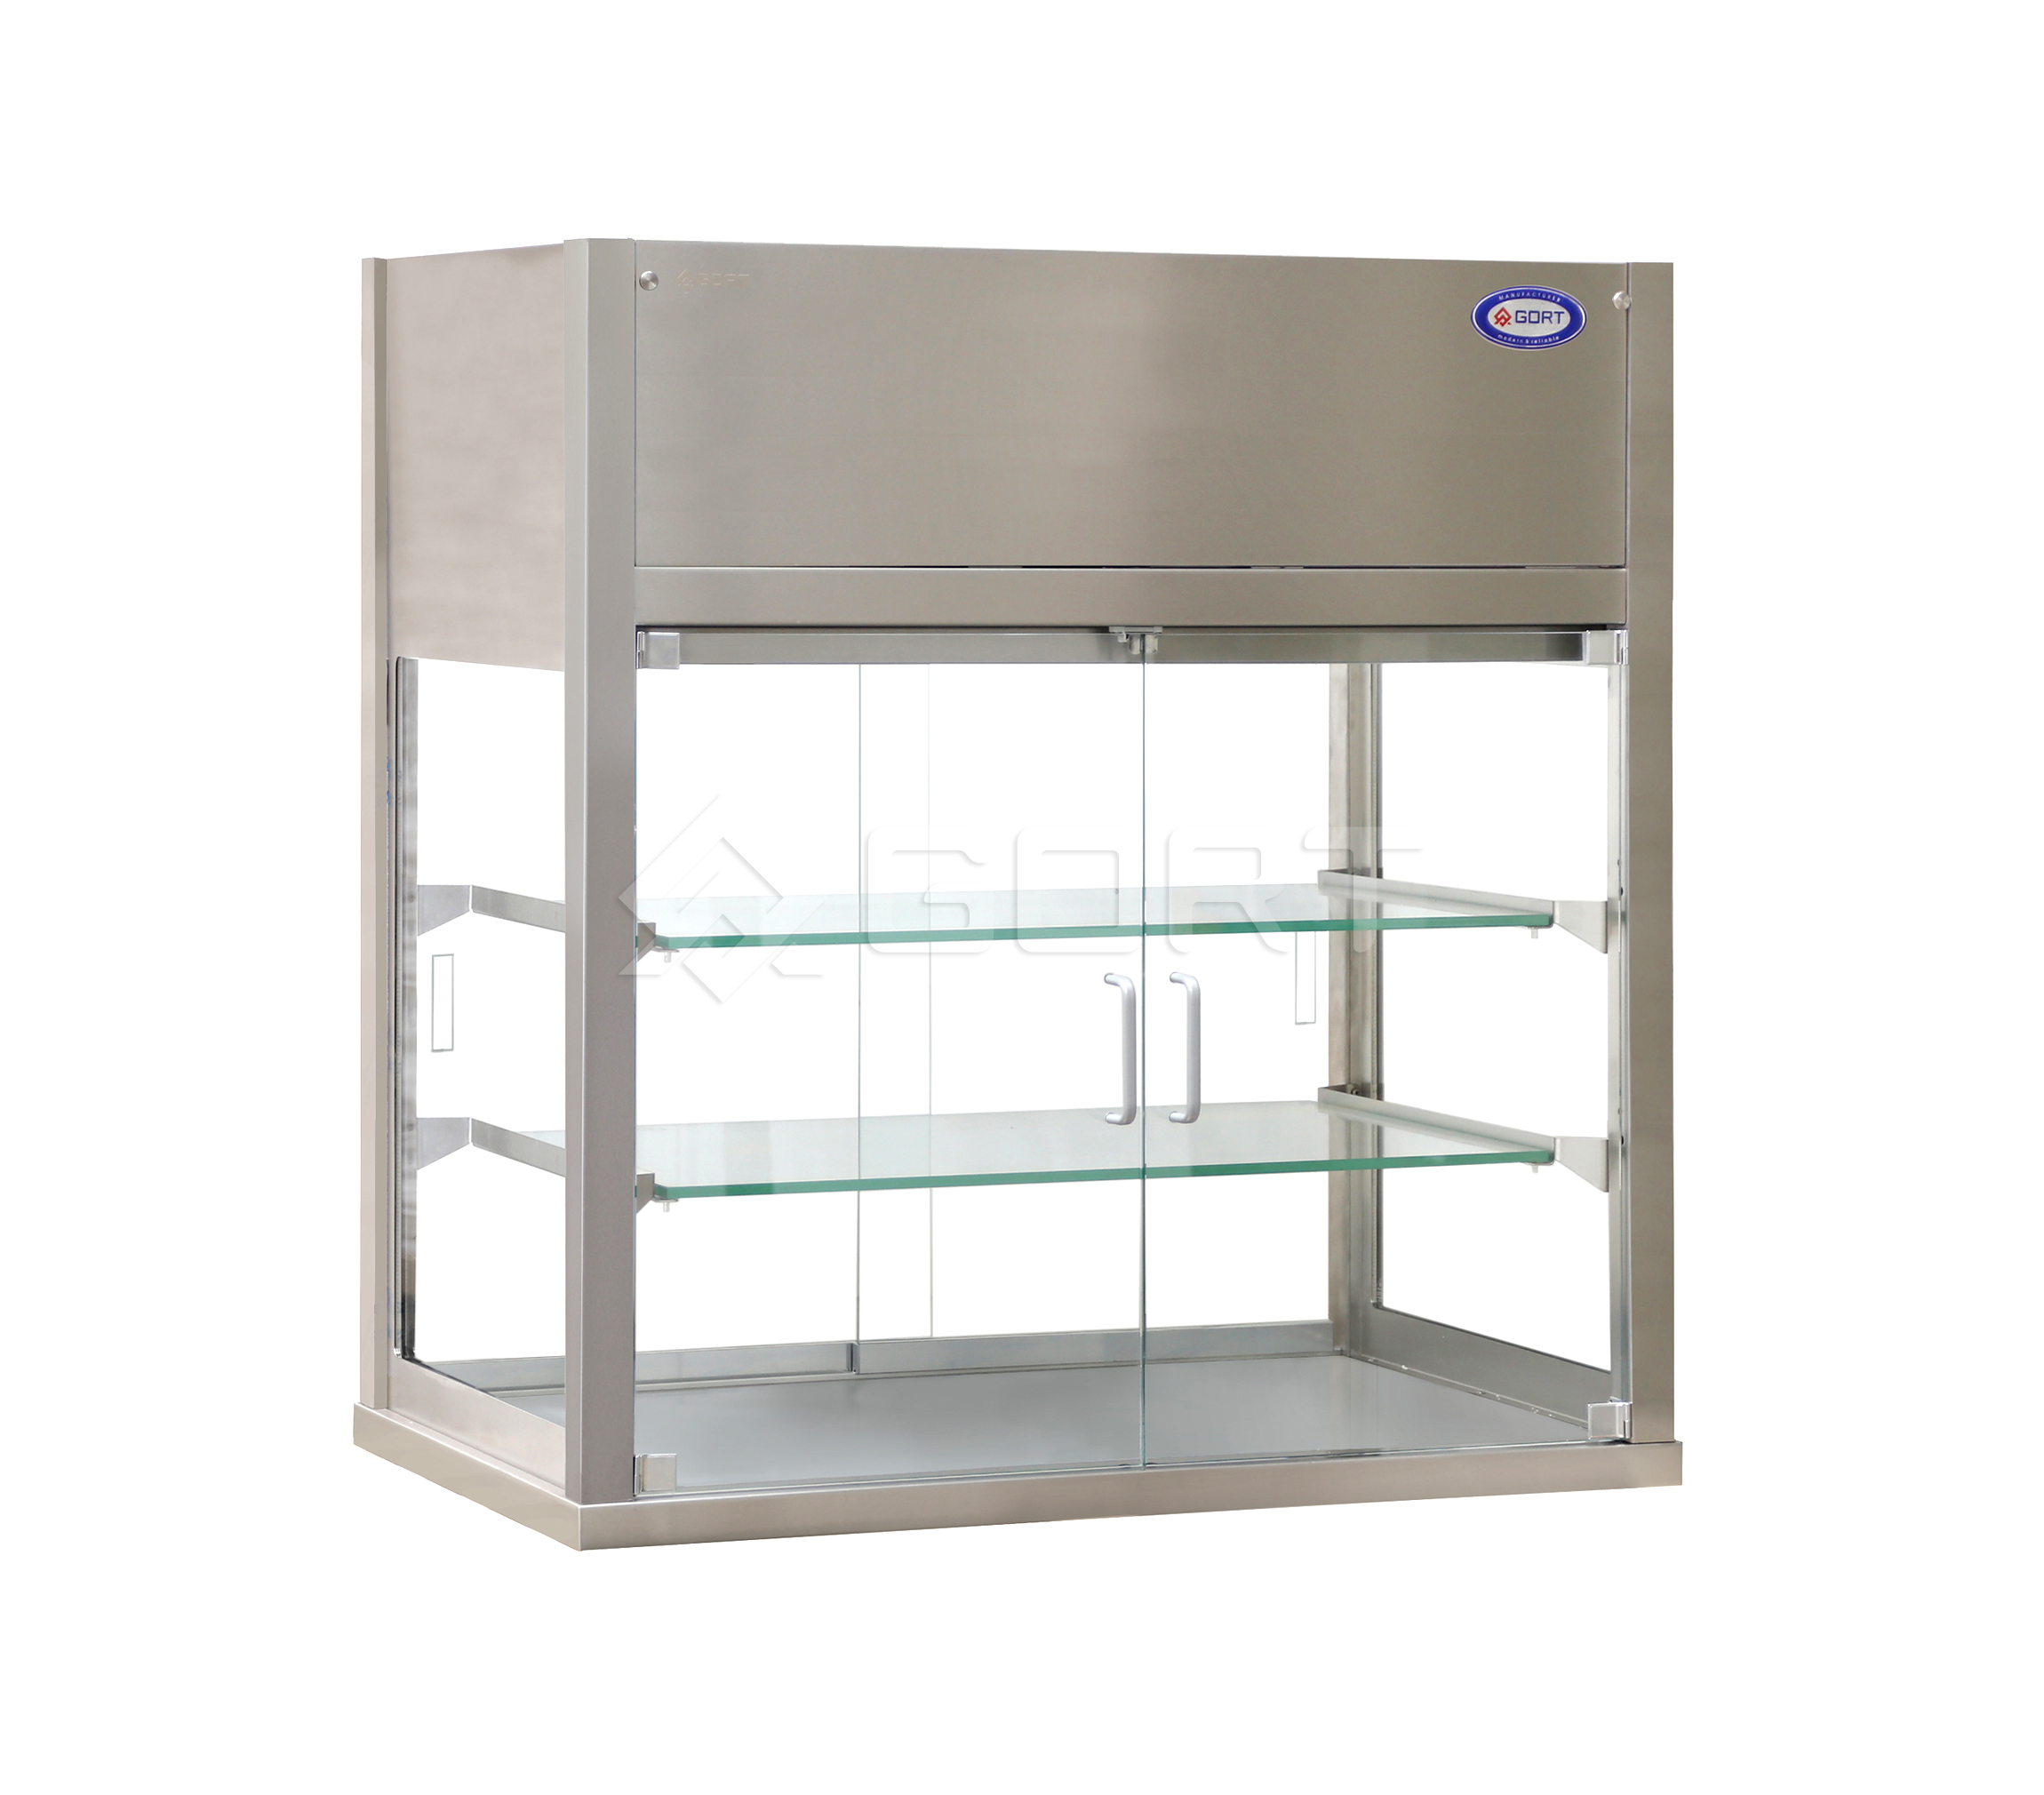 Witryna chłodnicza z drzwiami otwieranymi